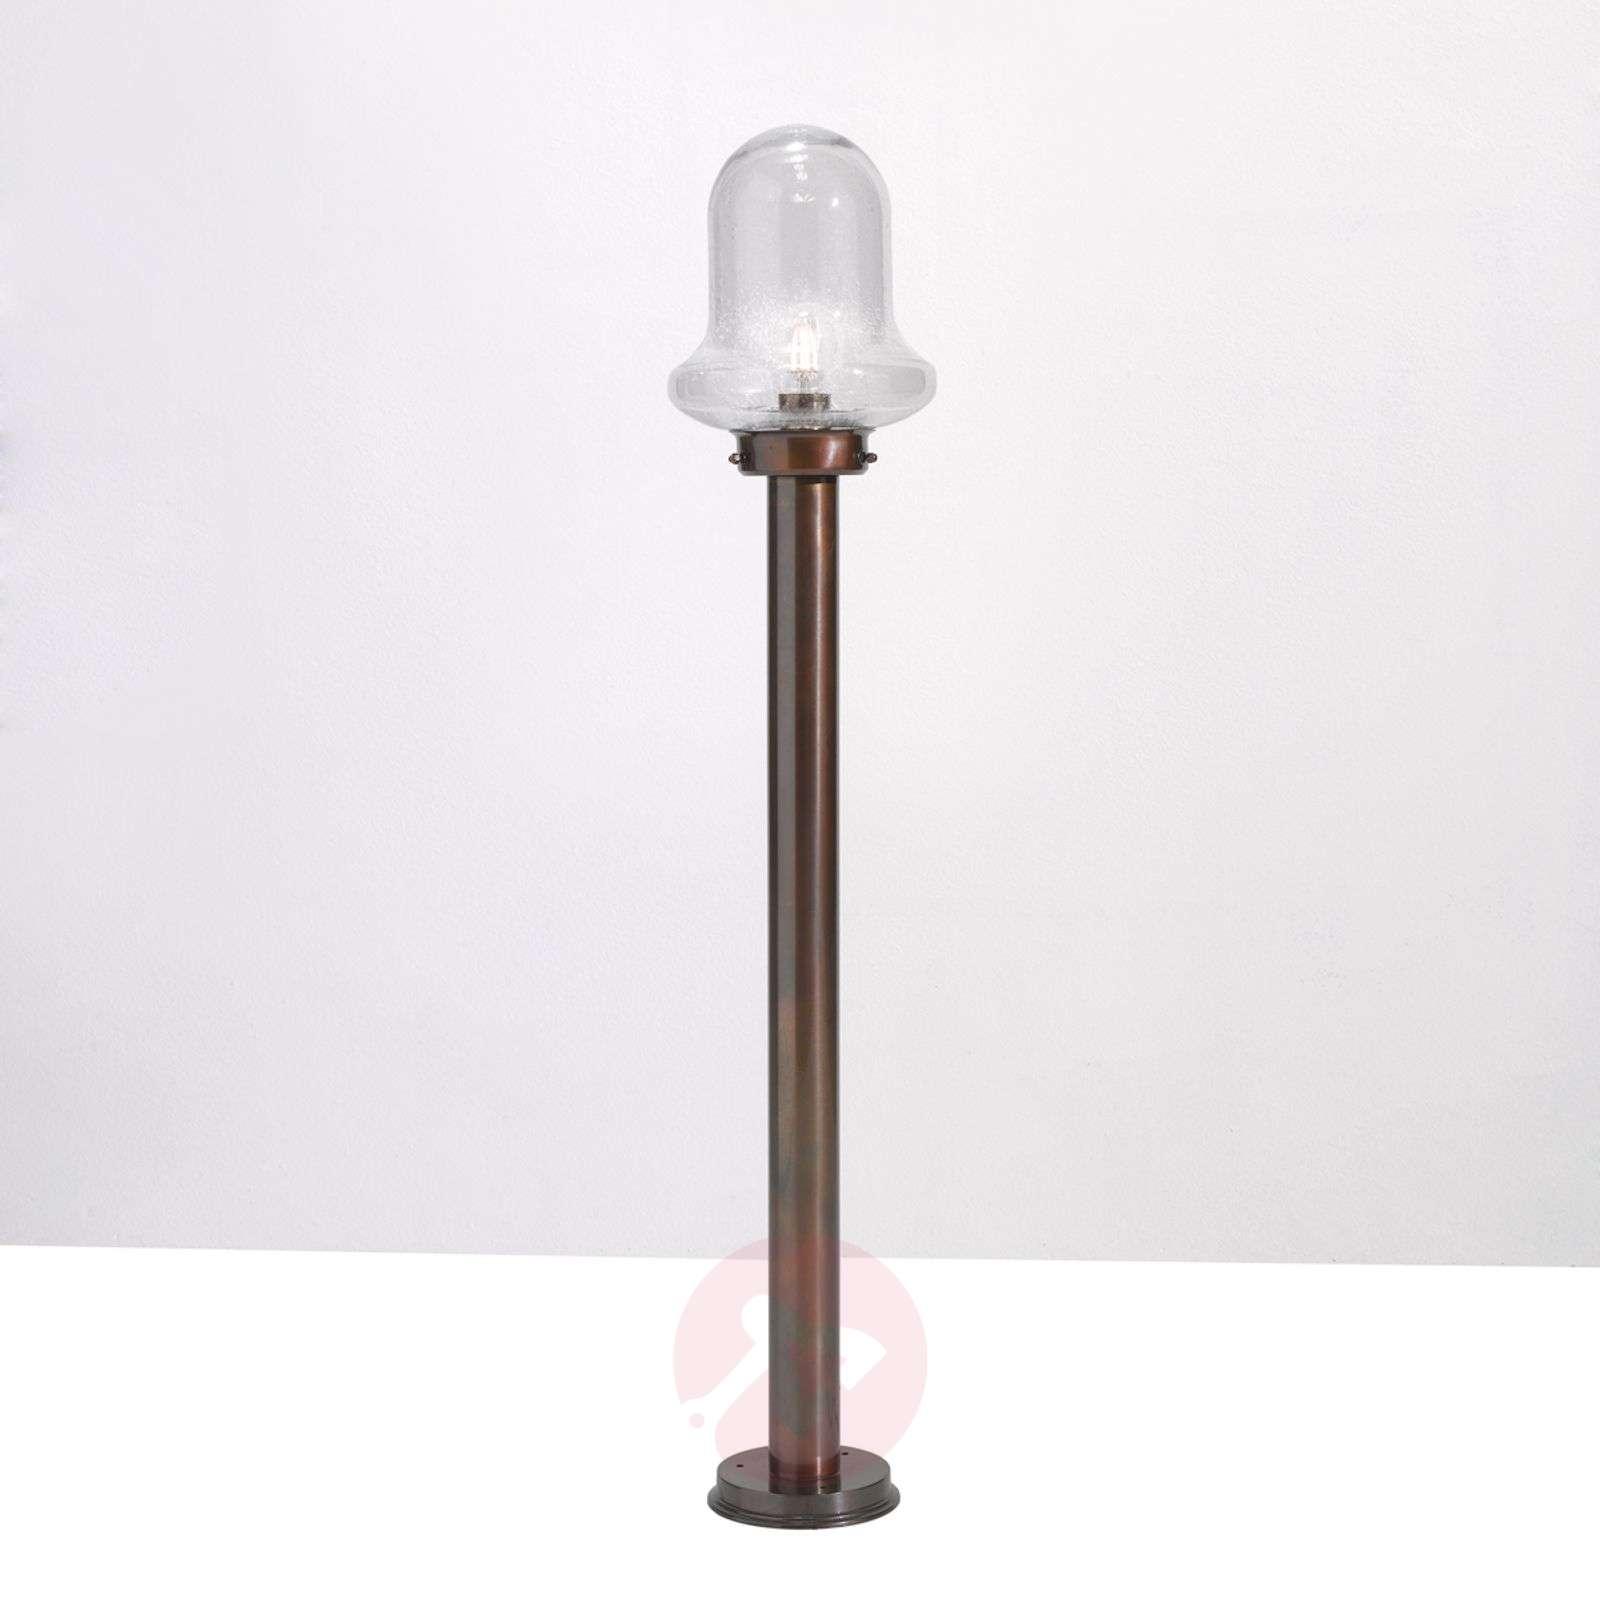 Laadukas Casale-pylväsvalaisin, korkeus 142 cm-2008254-01